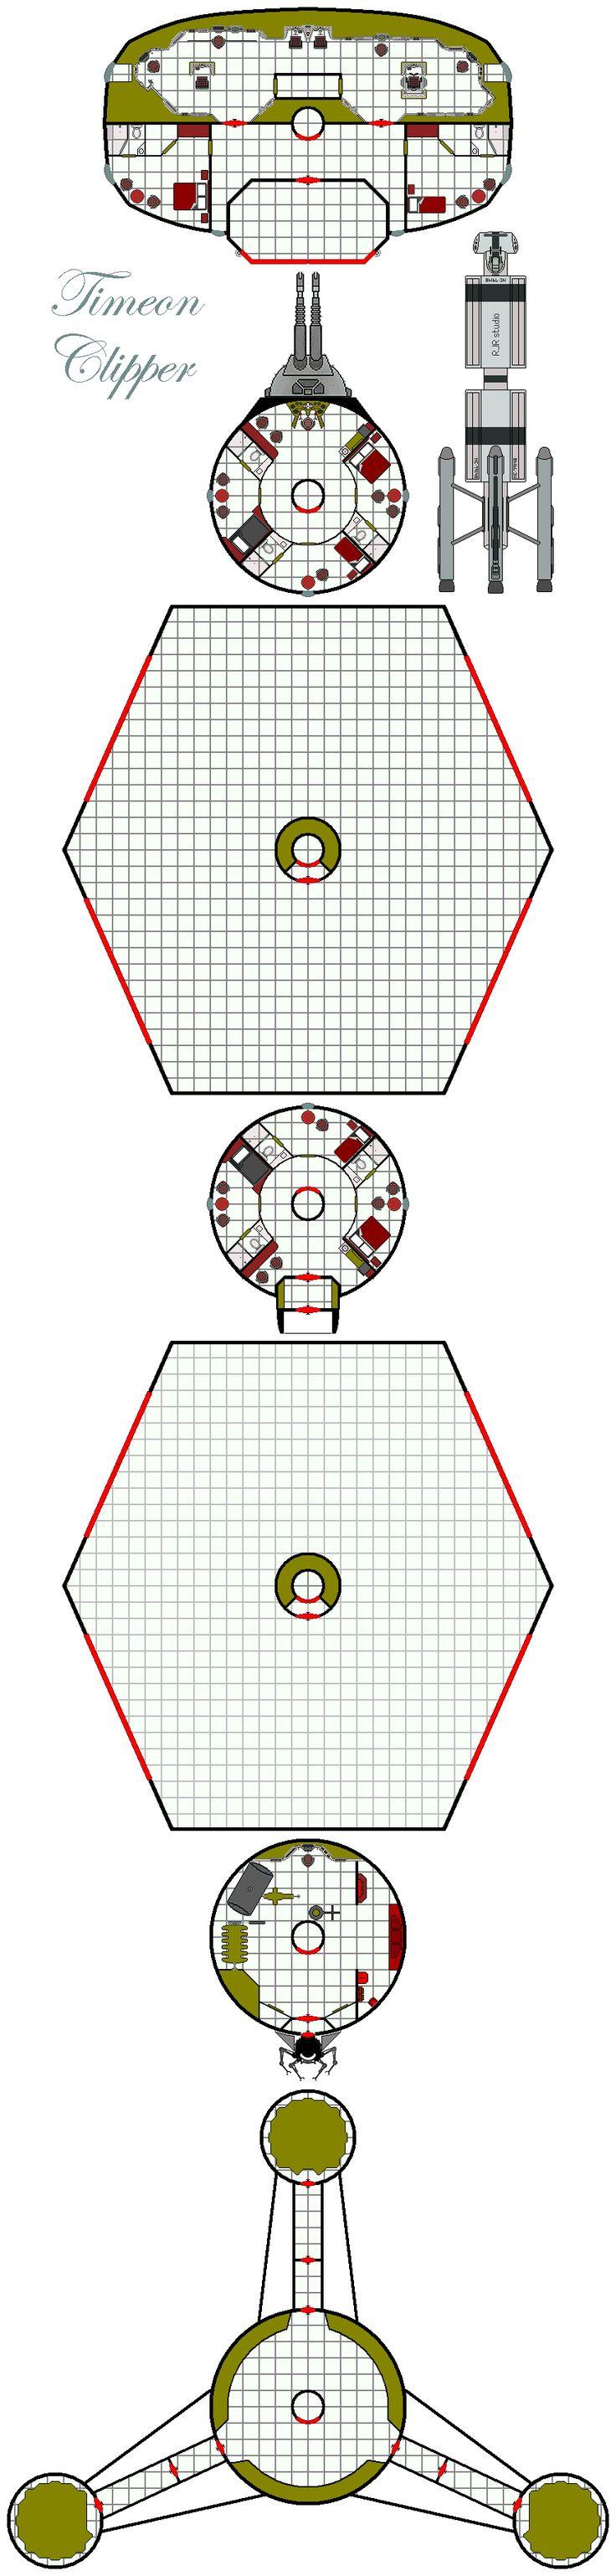 84 best deck plans images on pinterest deck plans spaceships image deck plansspace baanklon Images